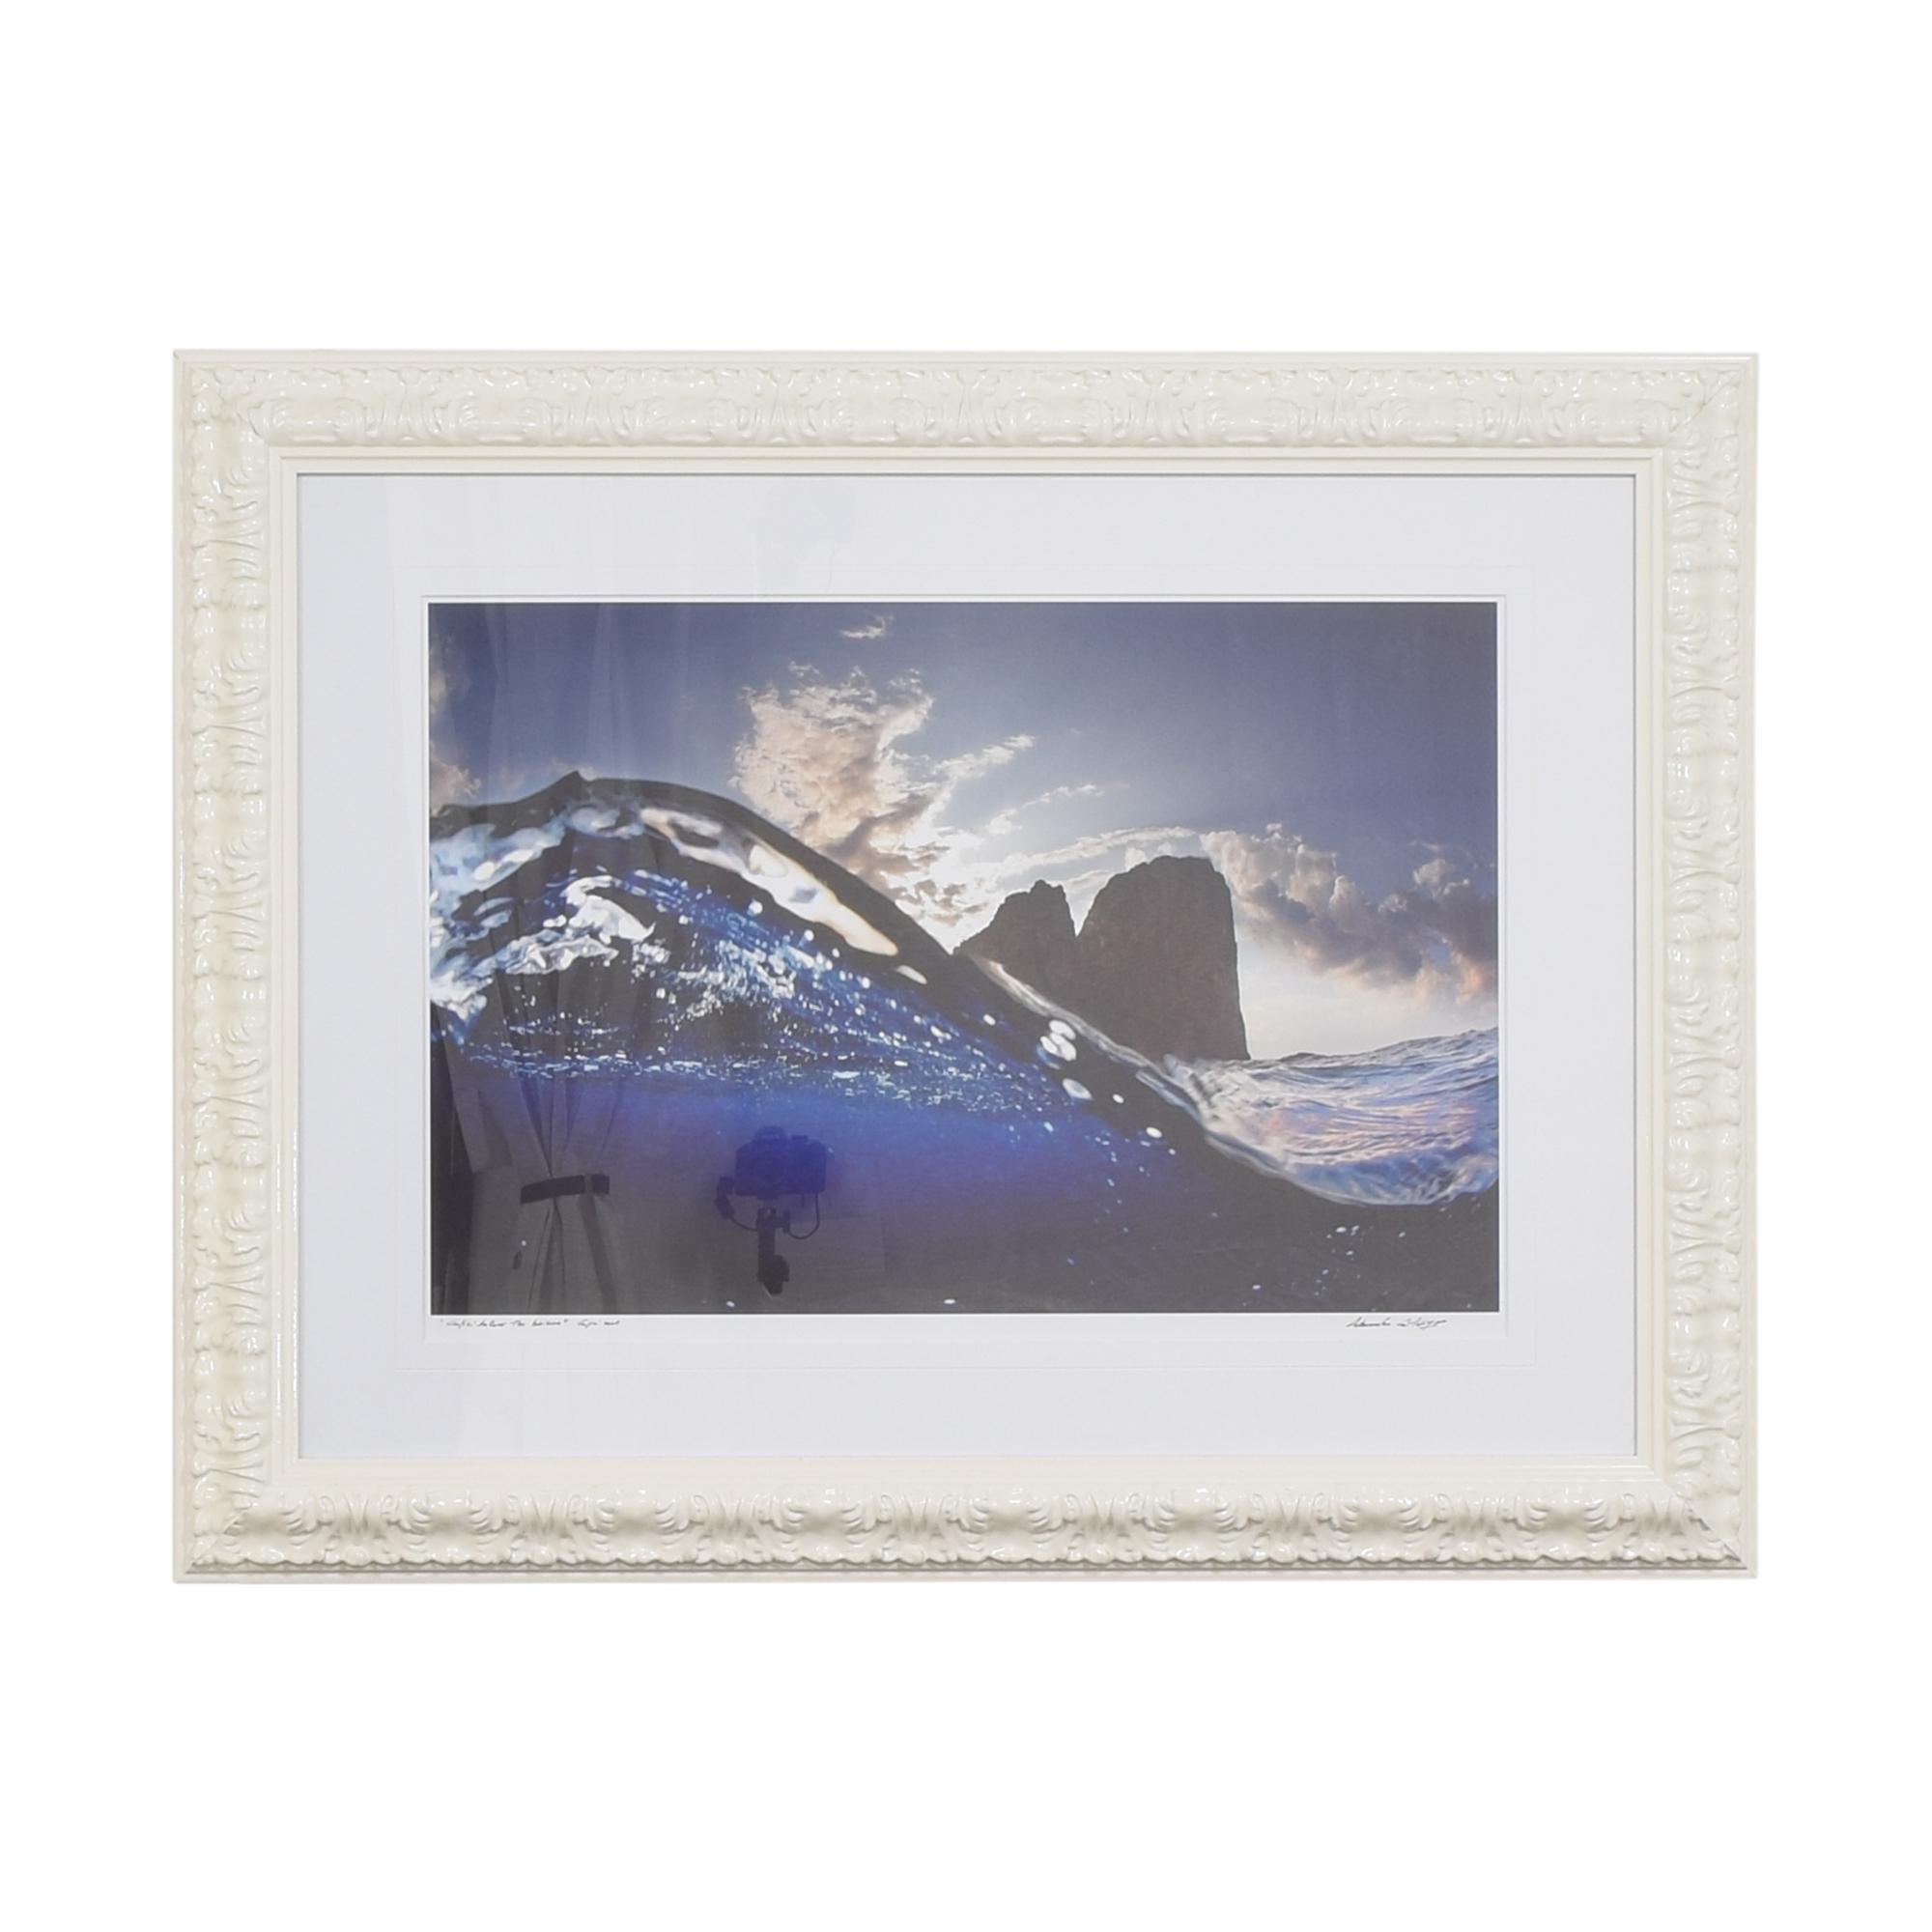 Atlantide Fine Art Gallery Alessandro Catuogno Framed Wall Art second hand